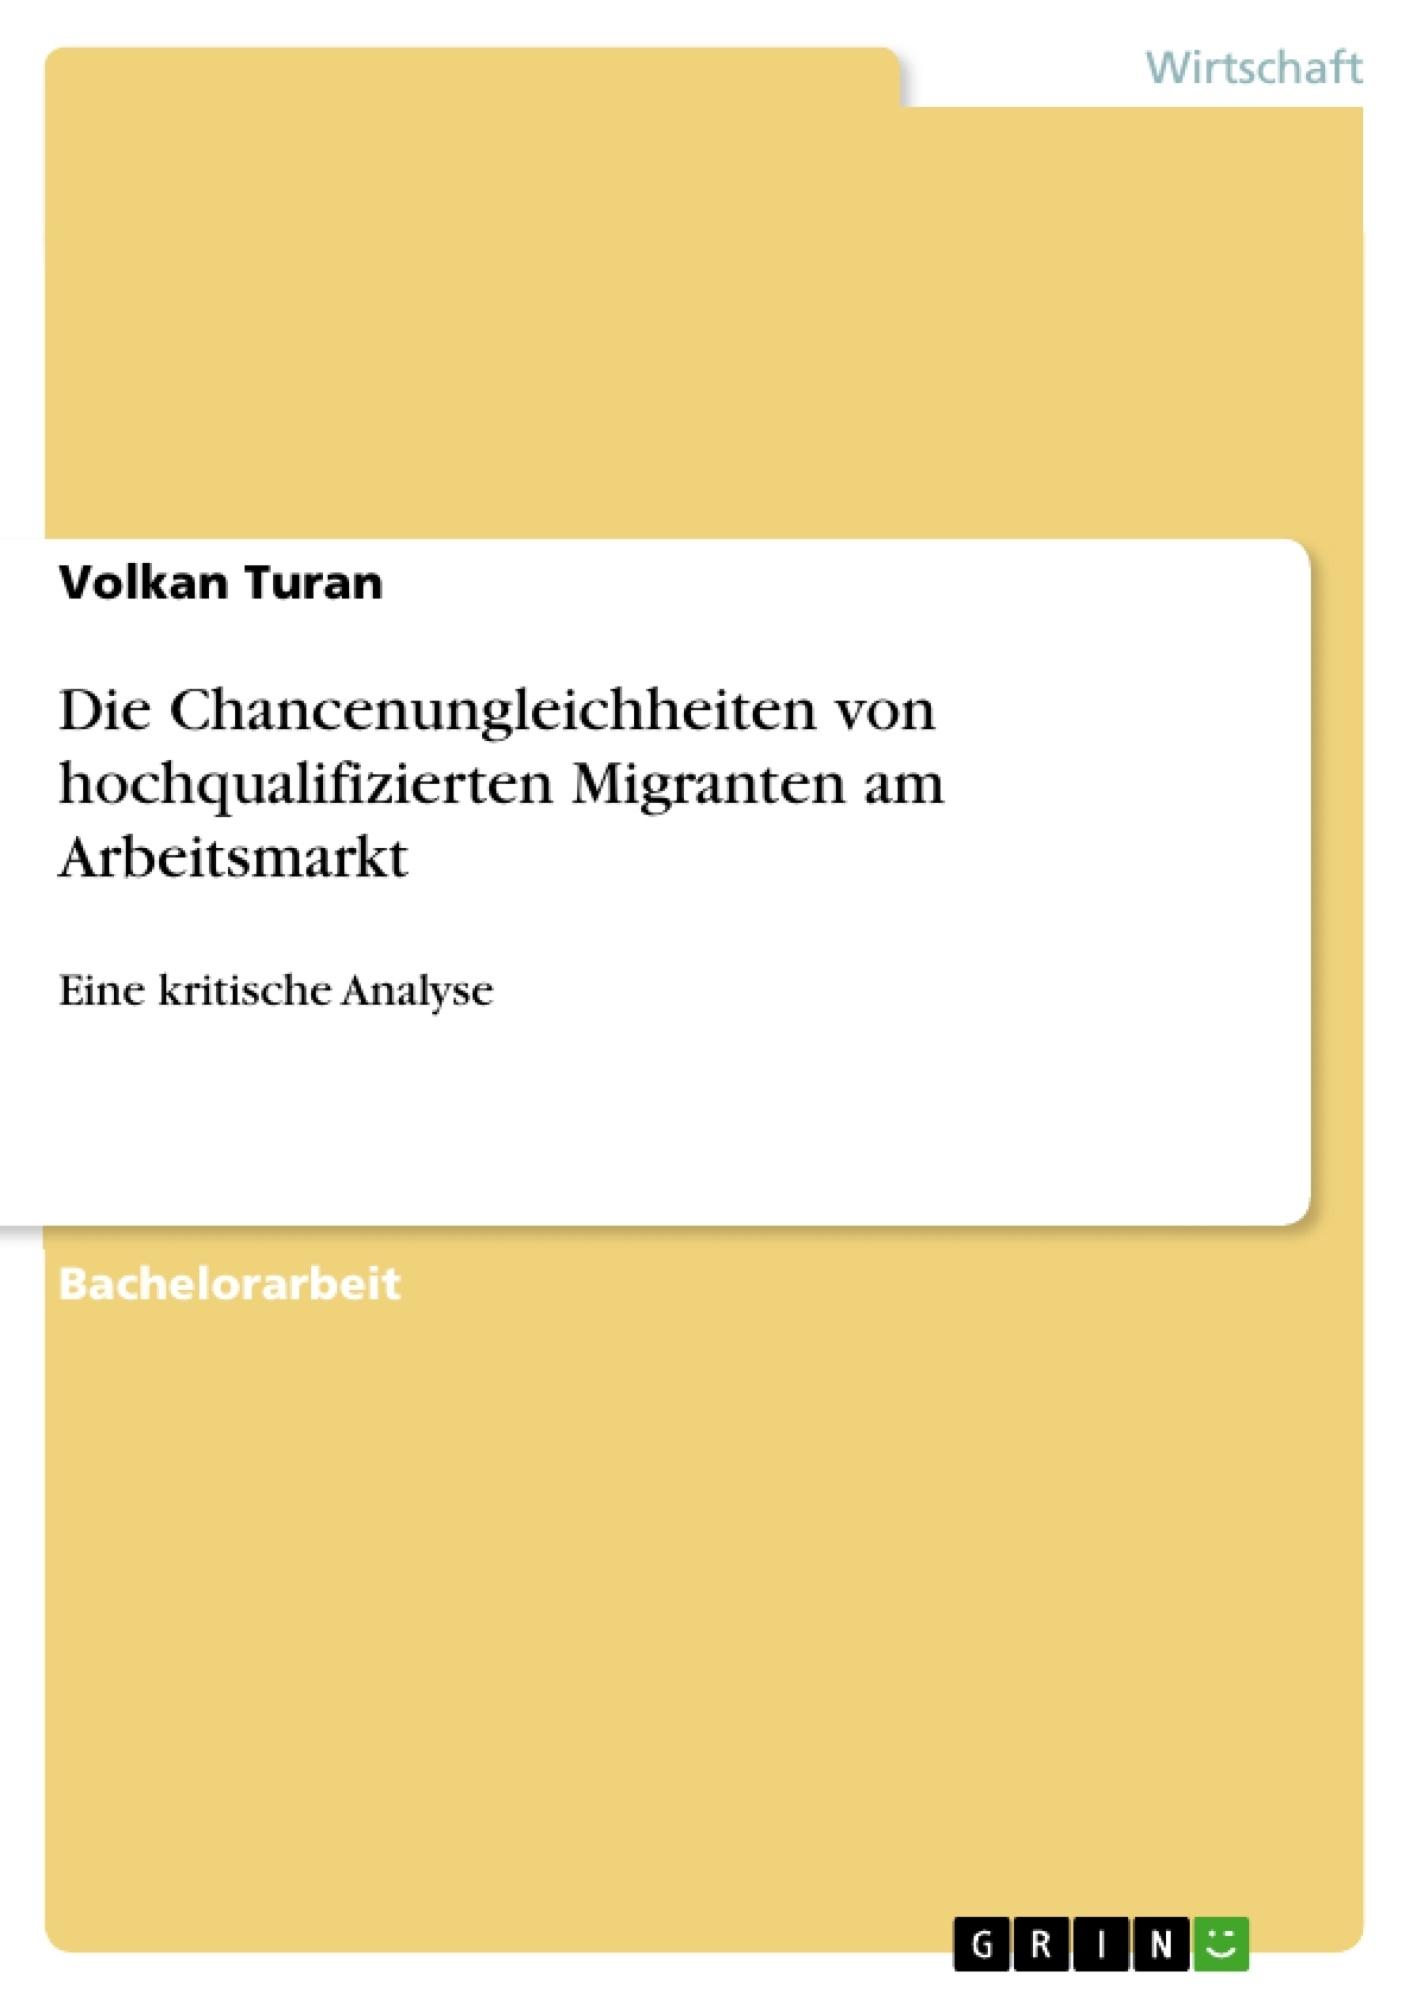 Titel: Die Chancenungleichheiten von hochqualifizierten Migranten am Arbeitsmarkt